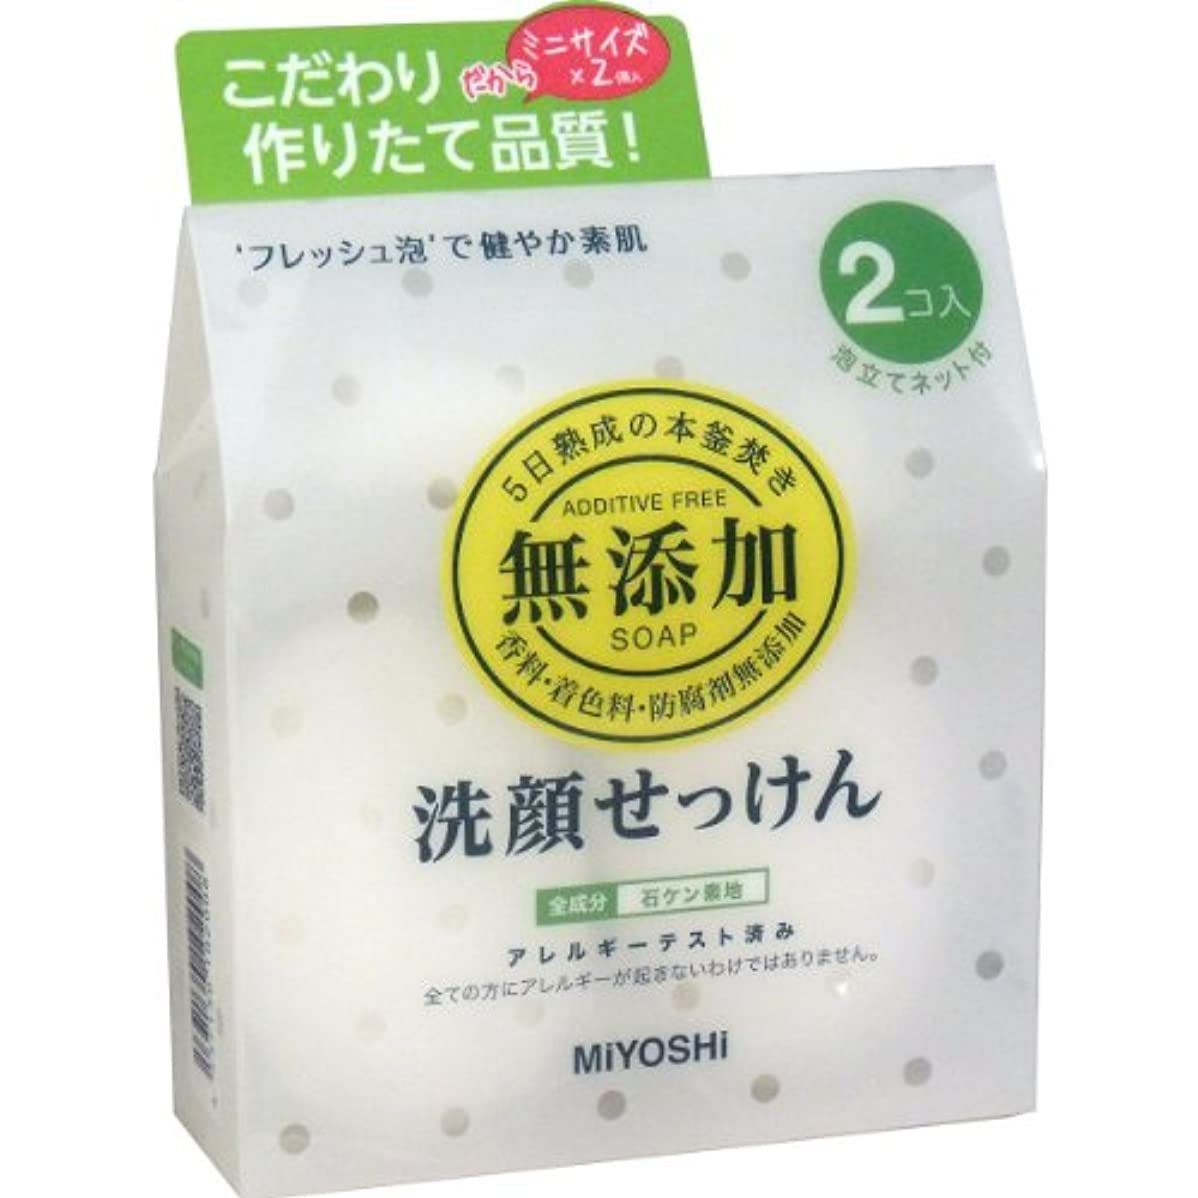 アパルアンケートバルク【まとめ買い】ミヨシ石鹸 無添加洗顔せっけん2個入 80g ×2セット